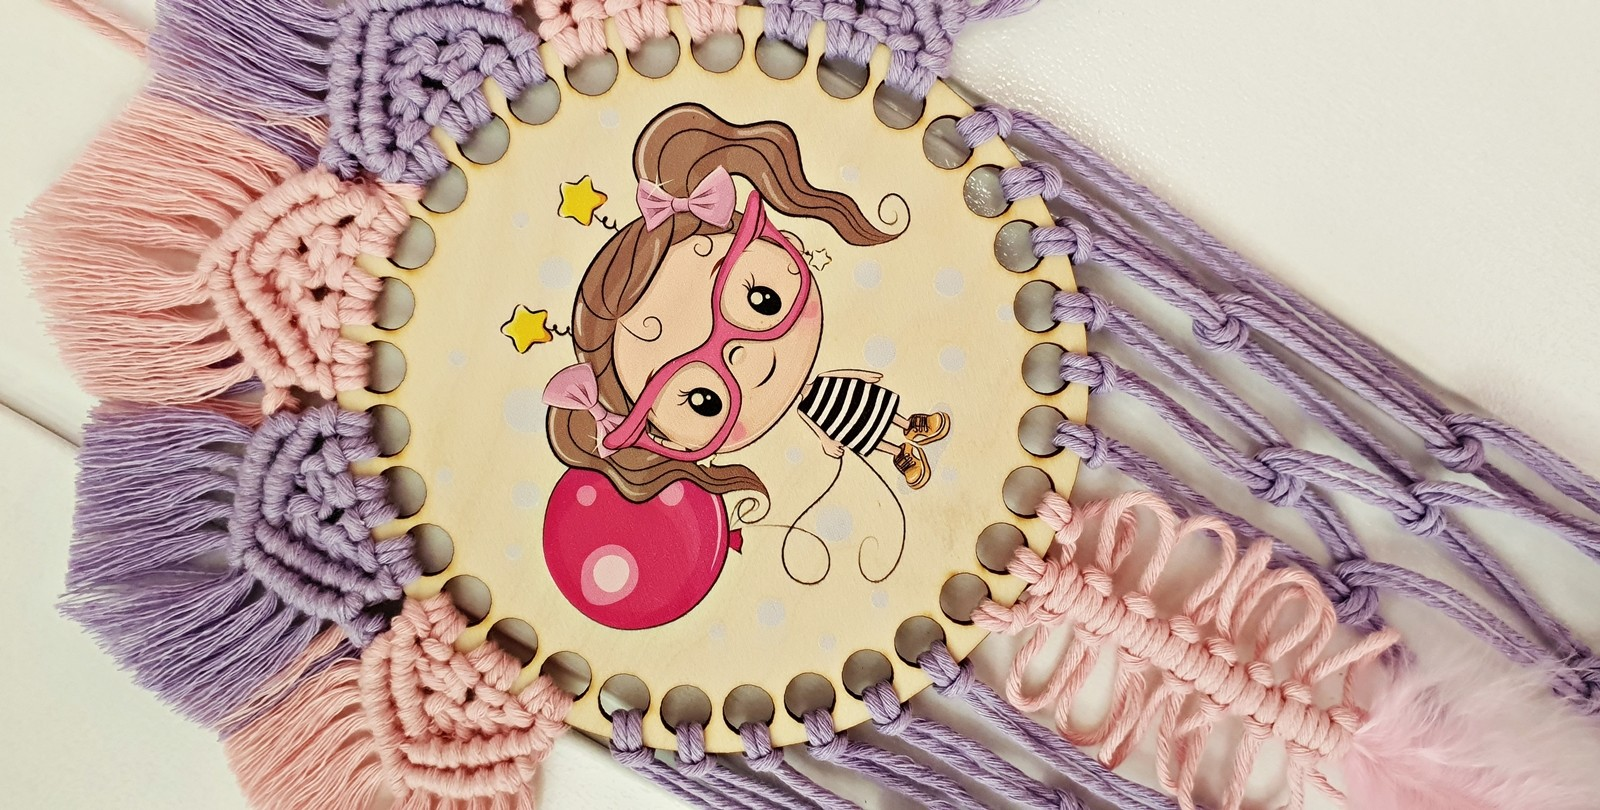 Łapacz snów - dziewczynka z balonem